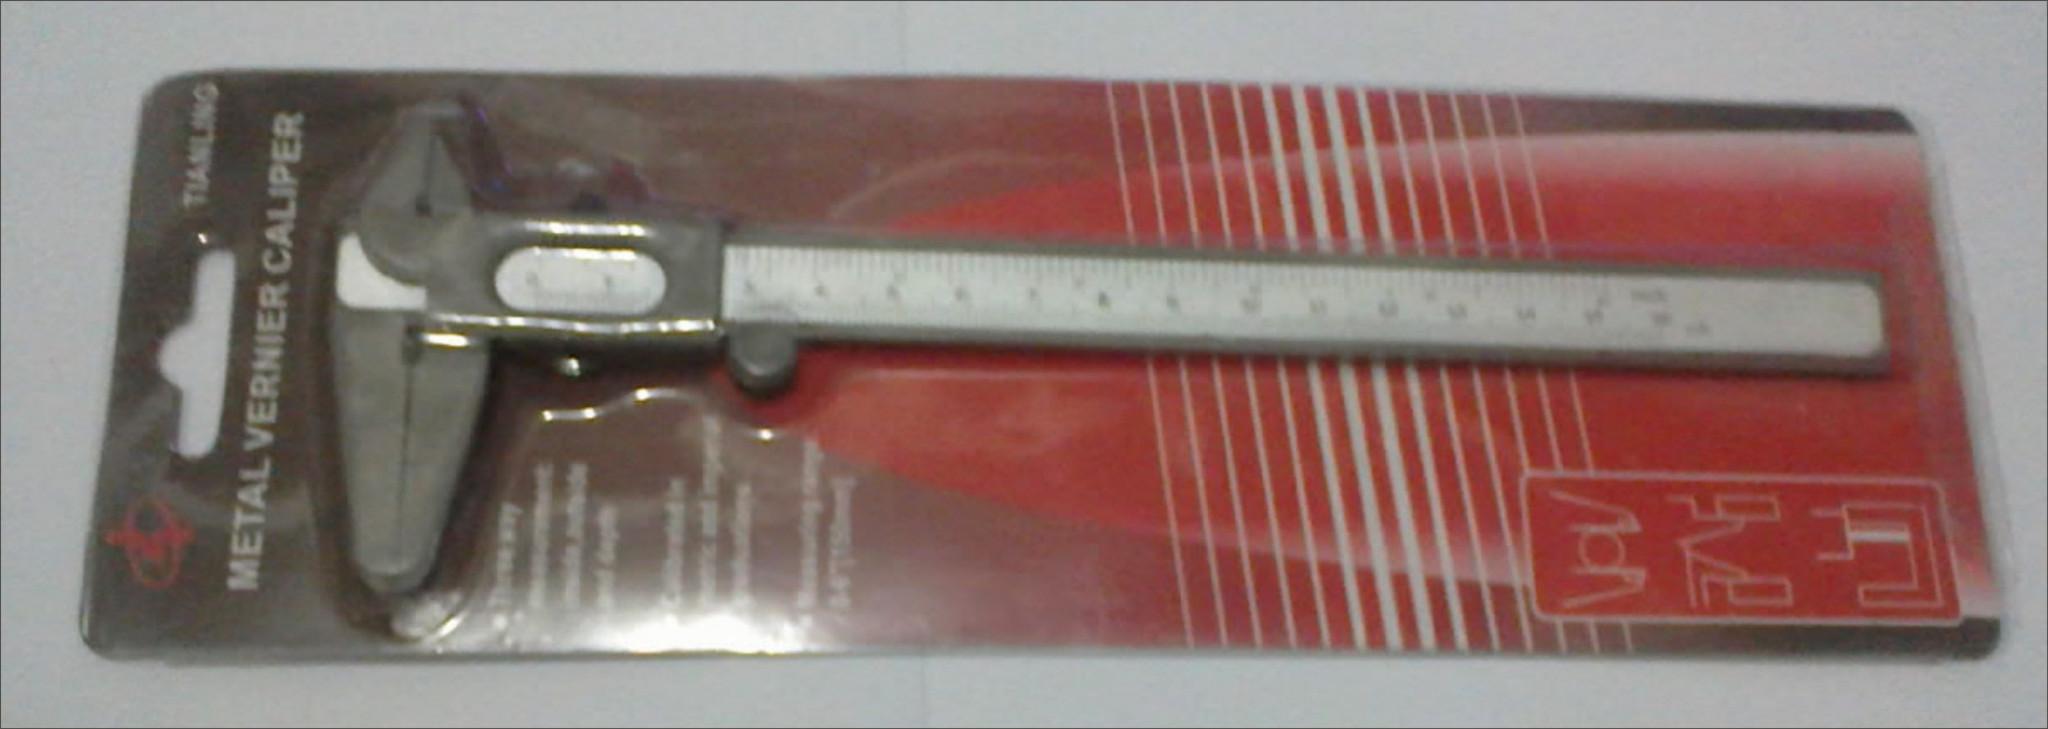 Jual Penggaris Sigmat 16cm Sigmat Murah